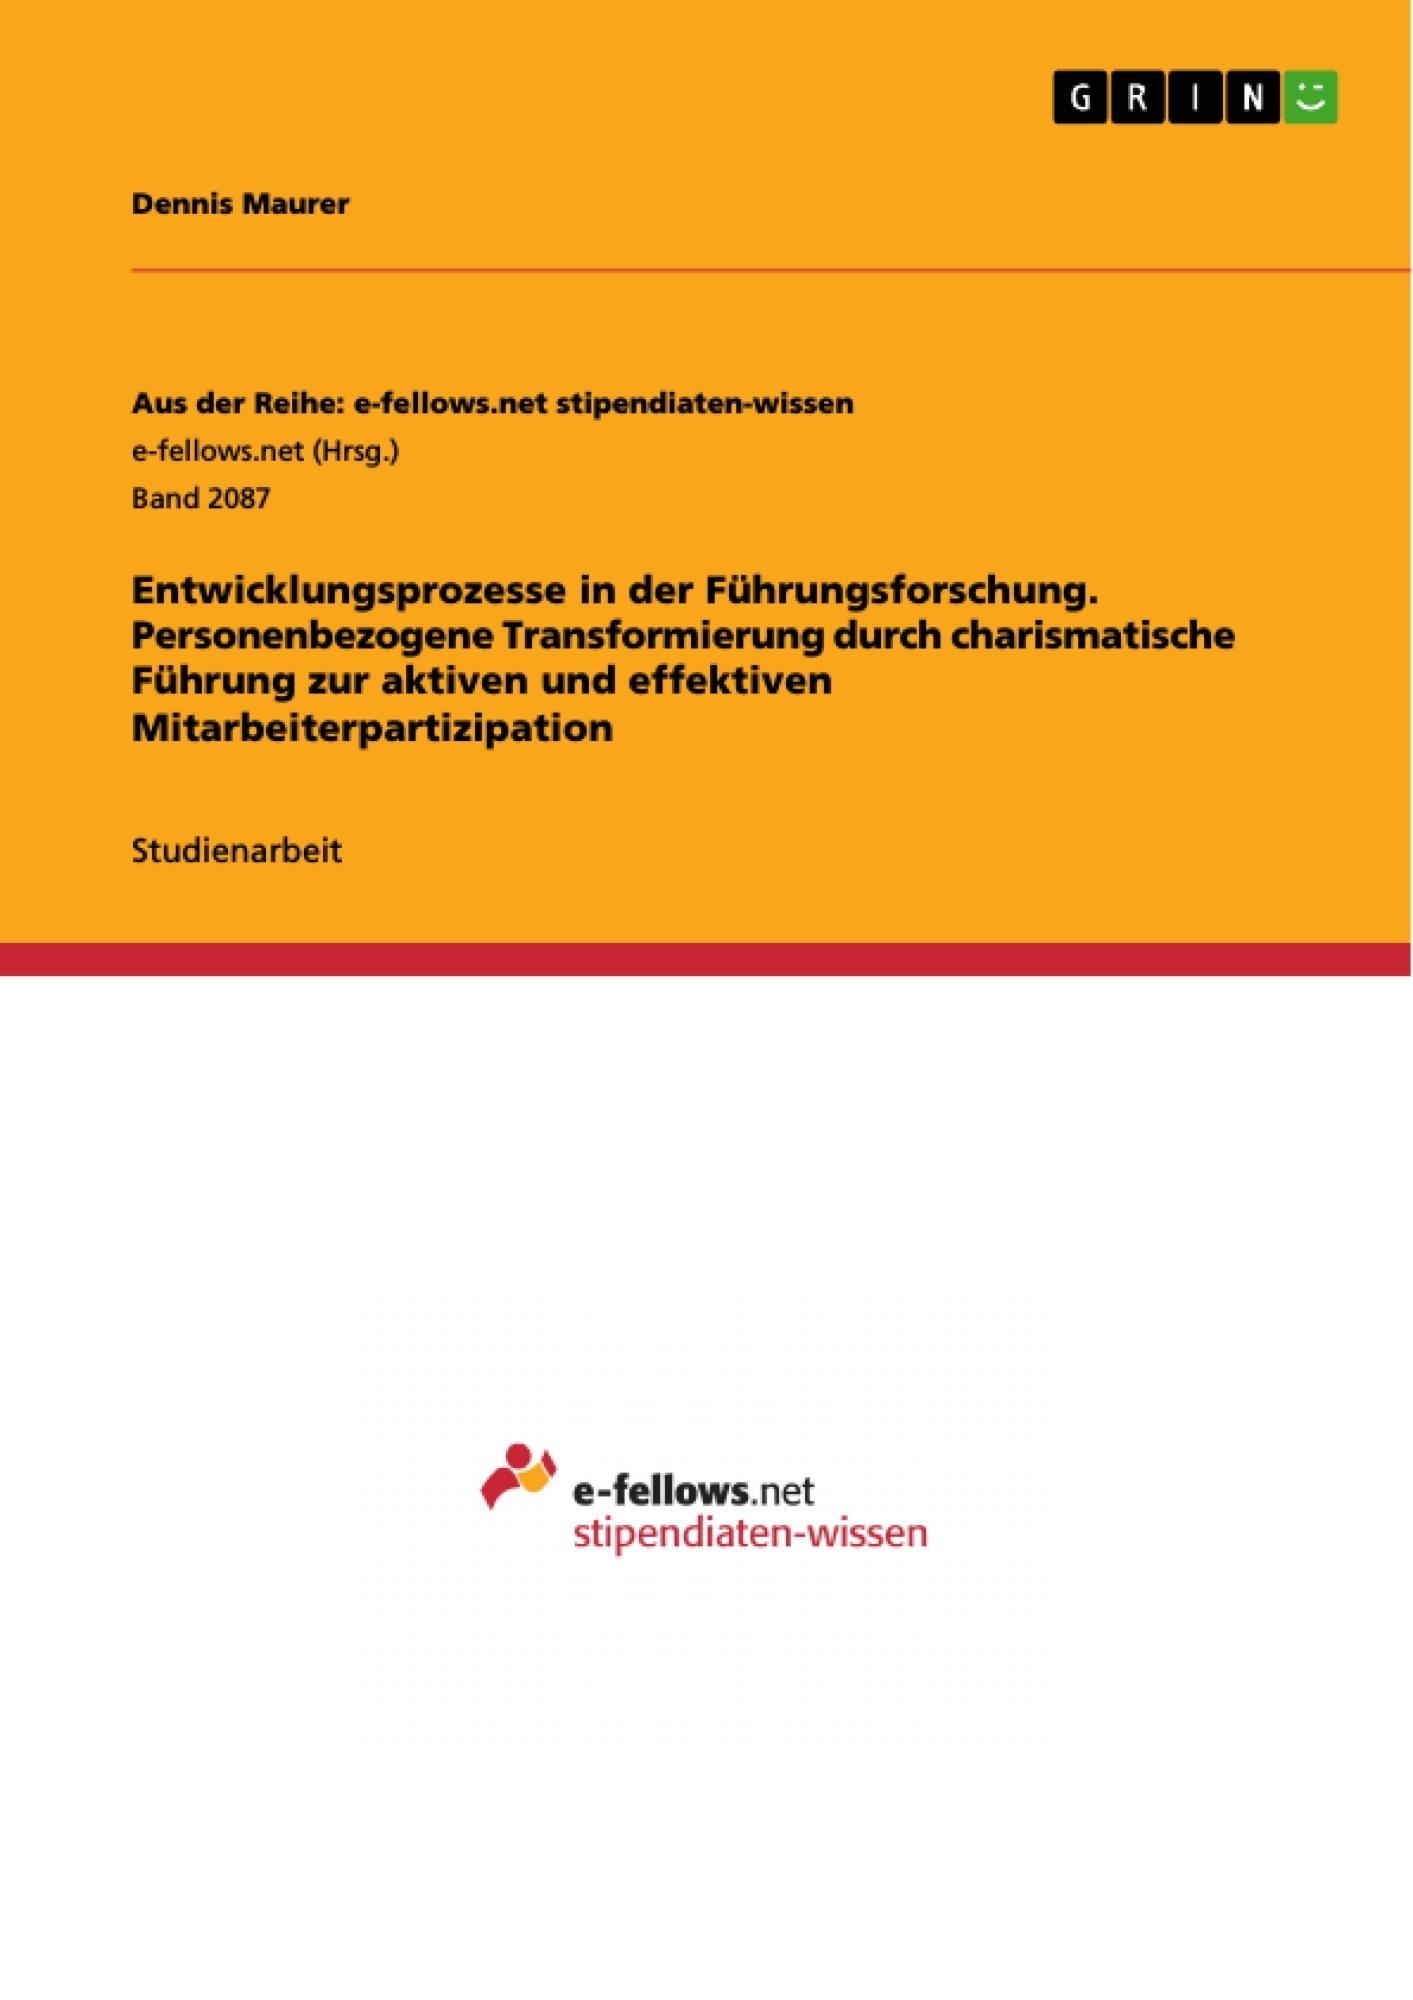 Titel: Entwicklungsprozesse in der Führungsforschung. Personenbezogene Transformierung durch charismatische Führung zur aktiven und effektiven Mitarbeiterpartizipation